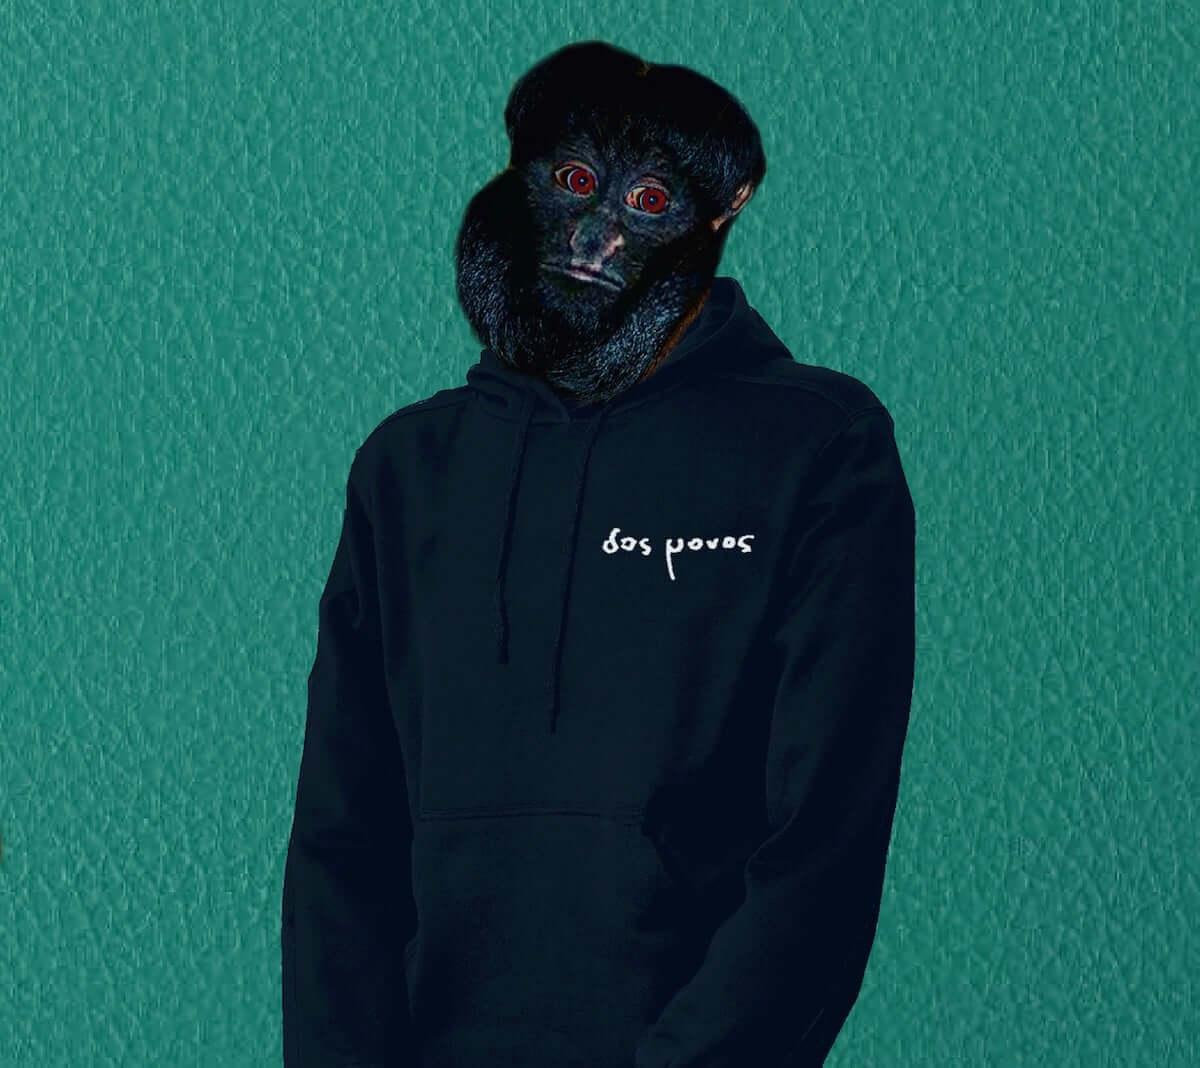 サンプリングの権利問題をクリアしたDos Monosが3月にデビューアルバムをリリース music190211-dosmonos-1200x1068